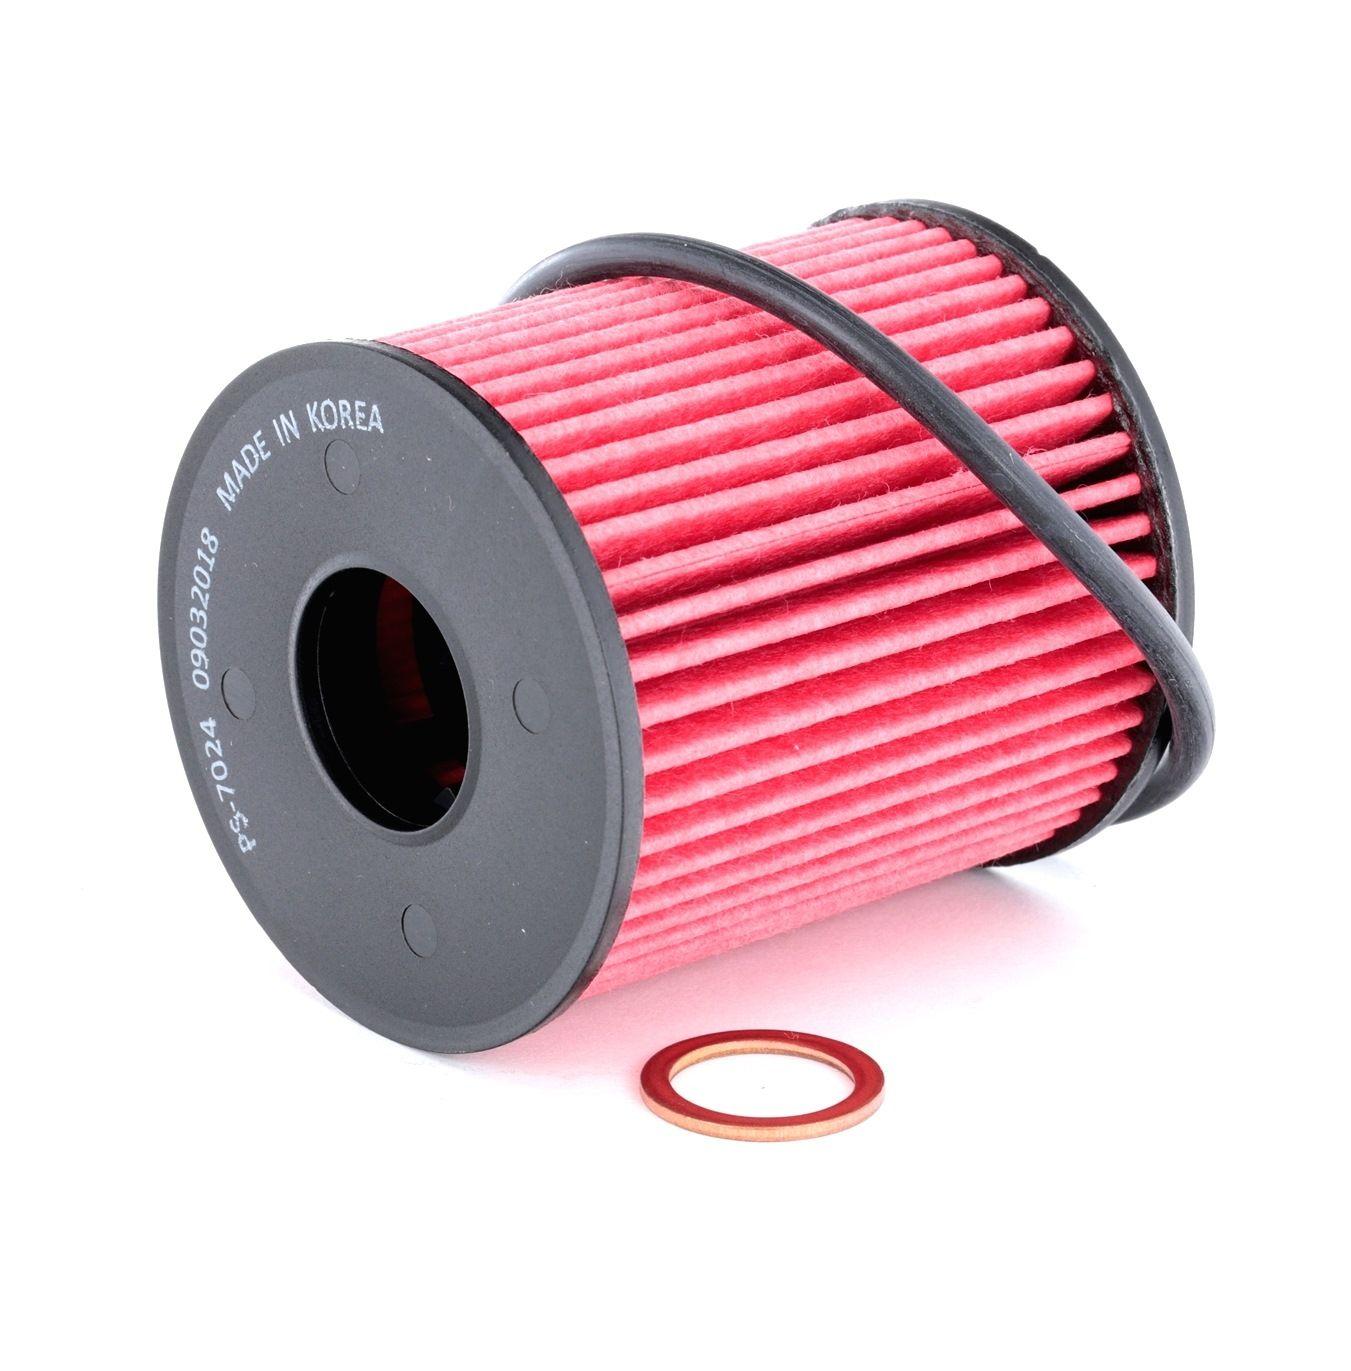 Buy original Oil filter K&N Filters PS-7024